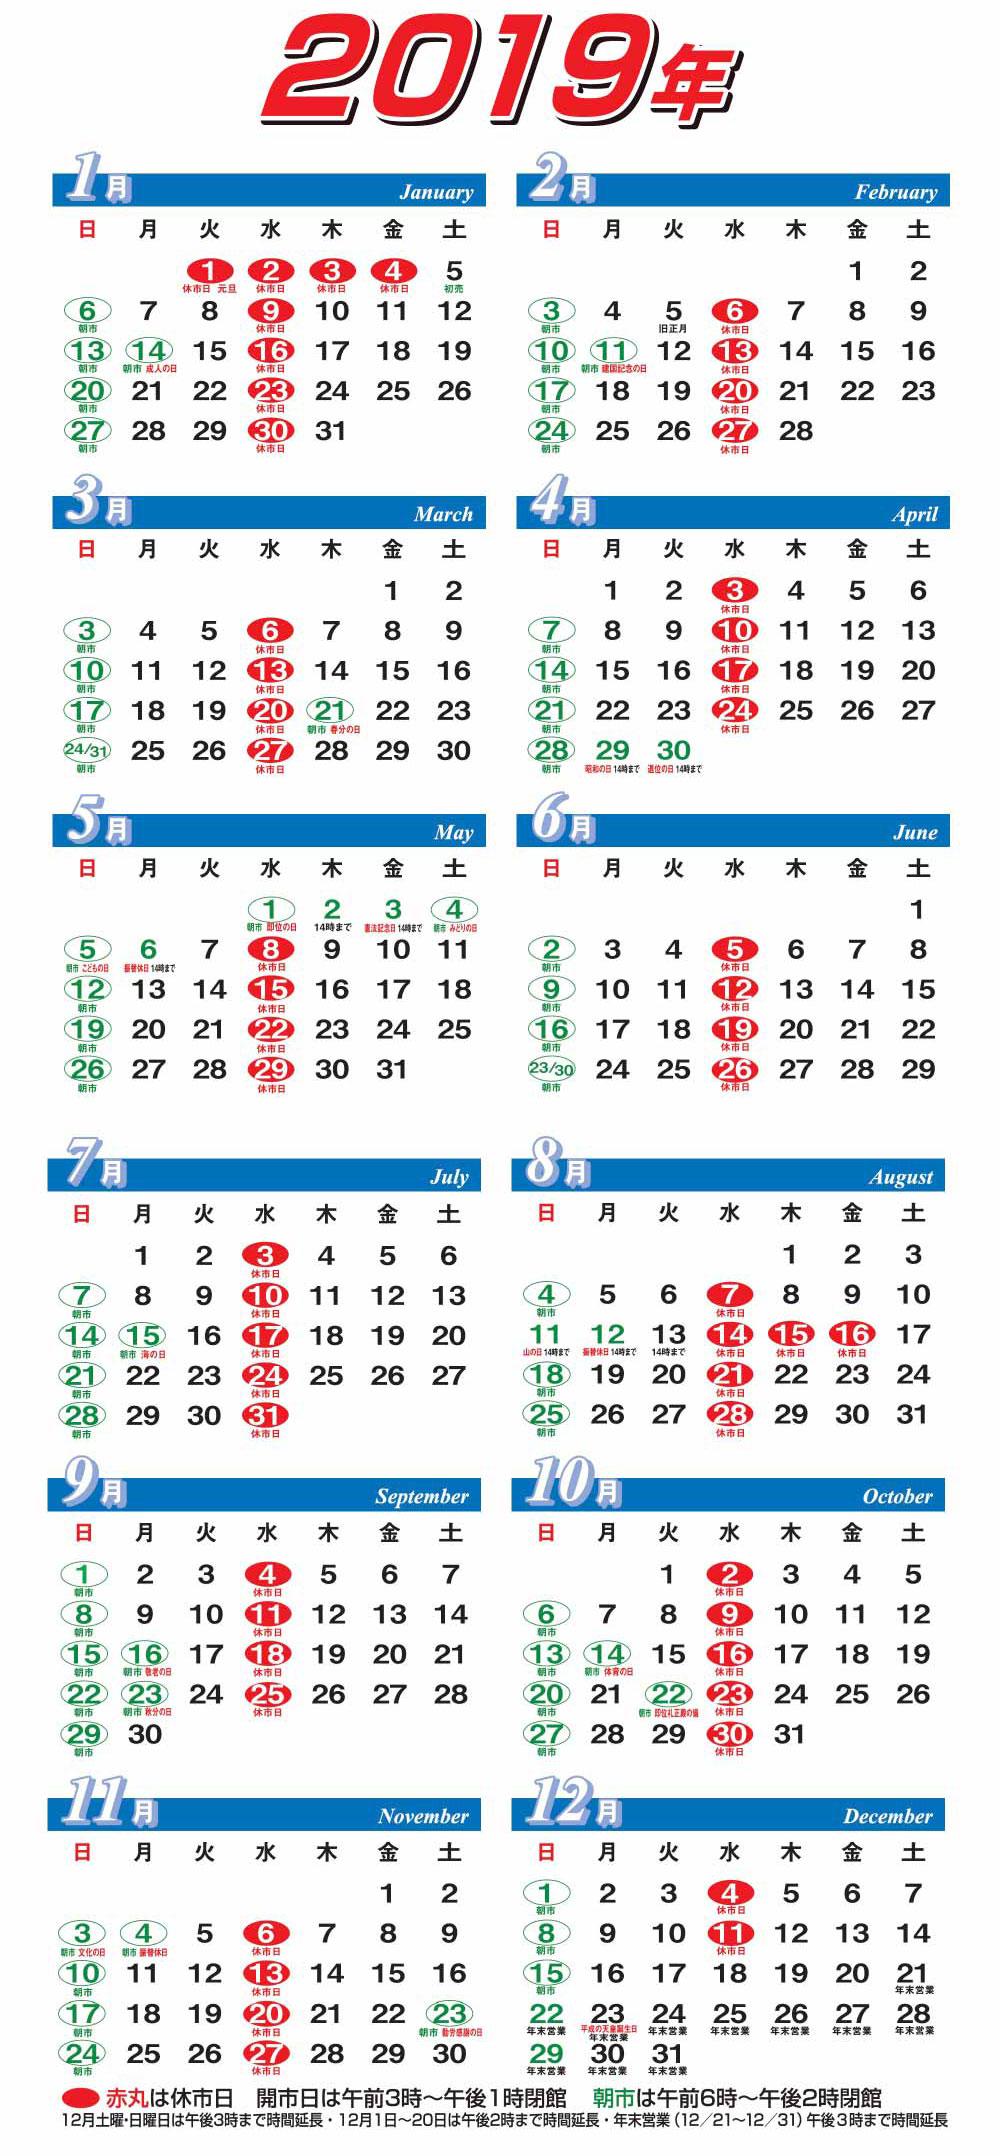 開市カレンダー お客さま向け 塩釜水産物仲卸市場塩釜水産物仲卸市場